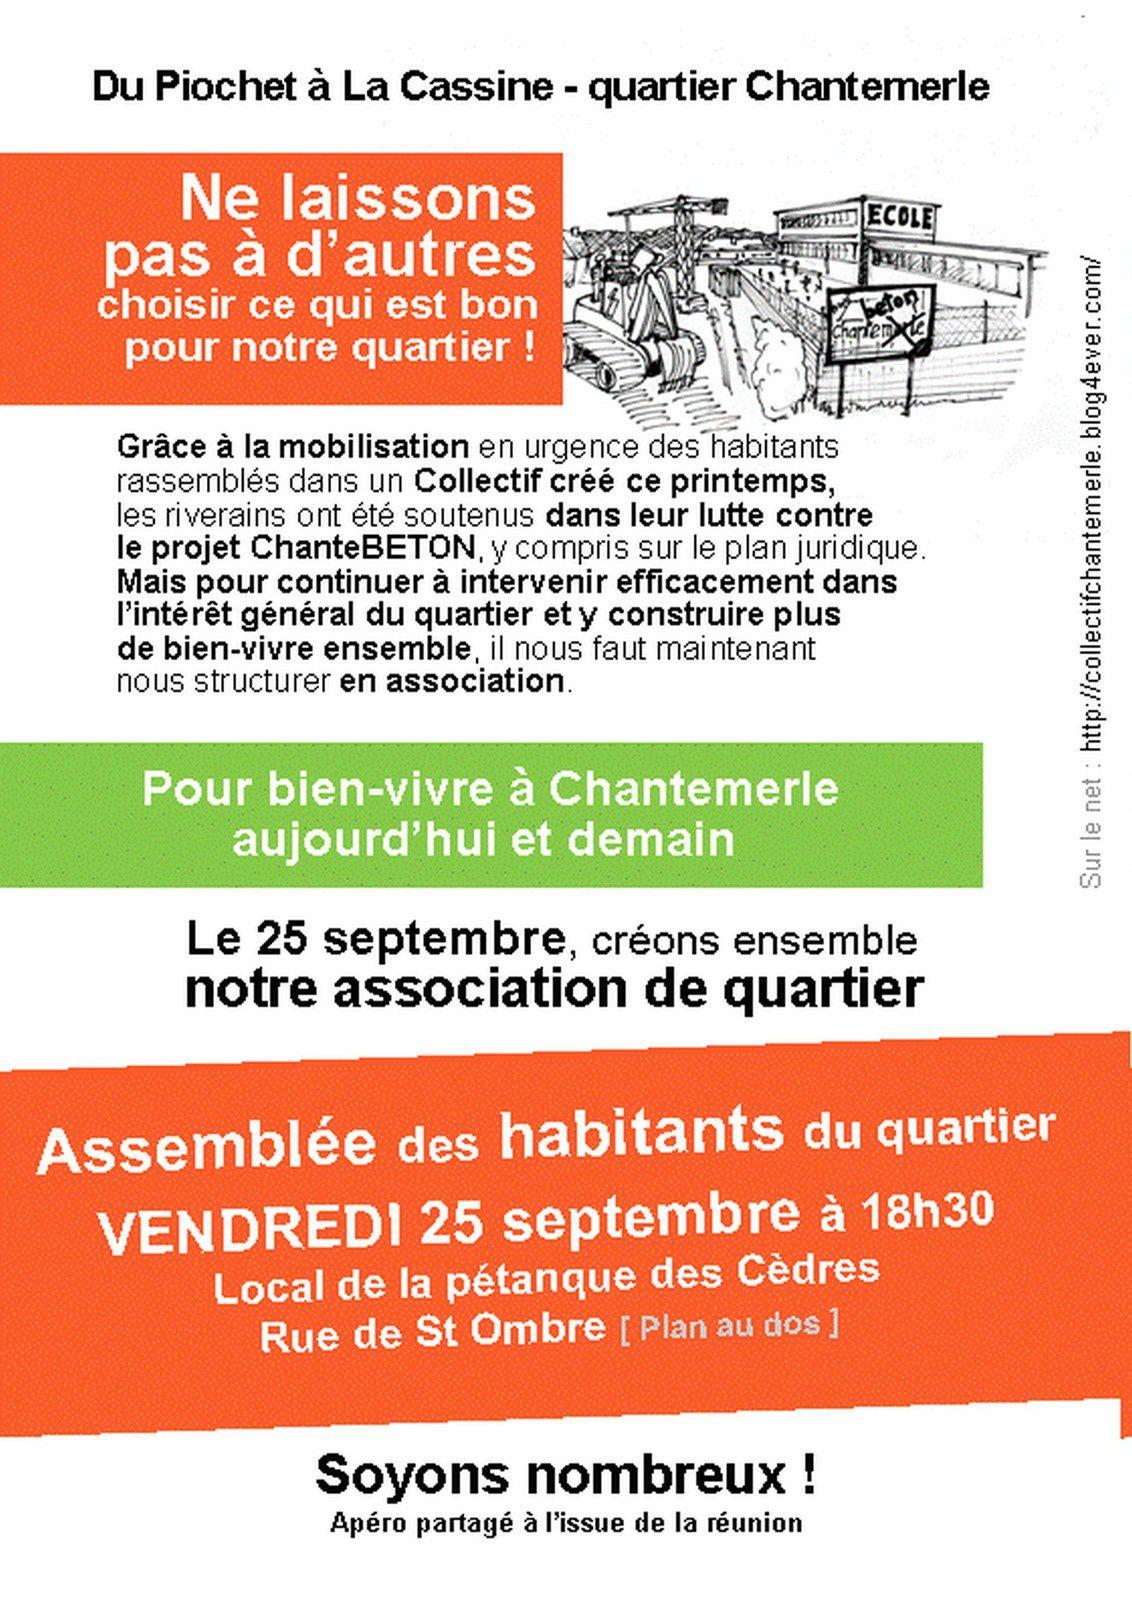 25 septembre 2015 : une date historique pour le quartier de Chantemerle !